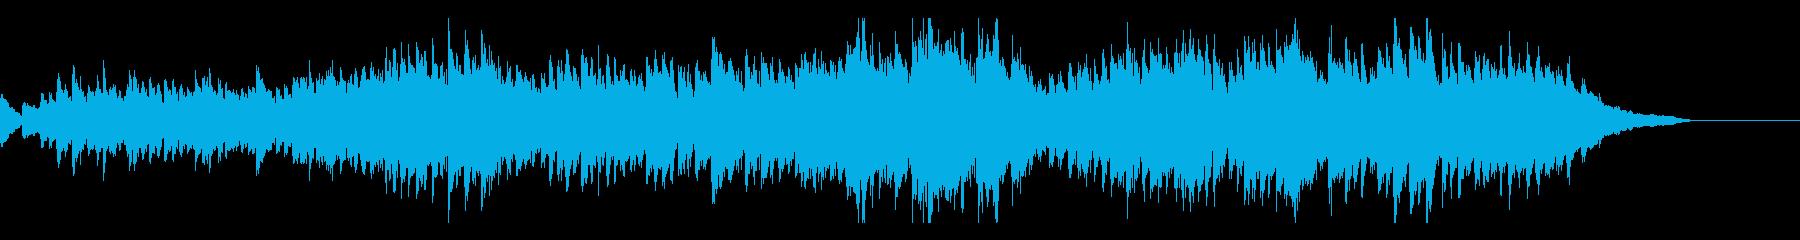 シューマン ピアノ曲 十分に幸せ・高音質の再生済みの波形